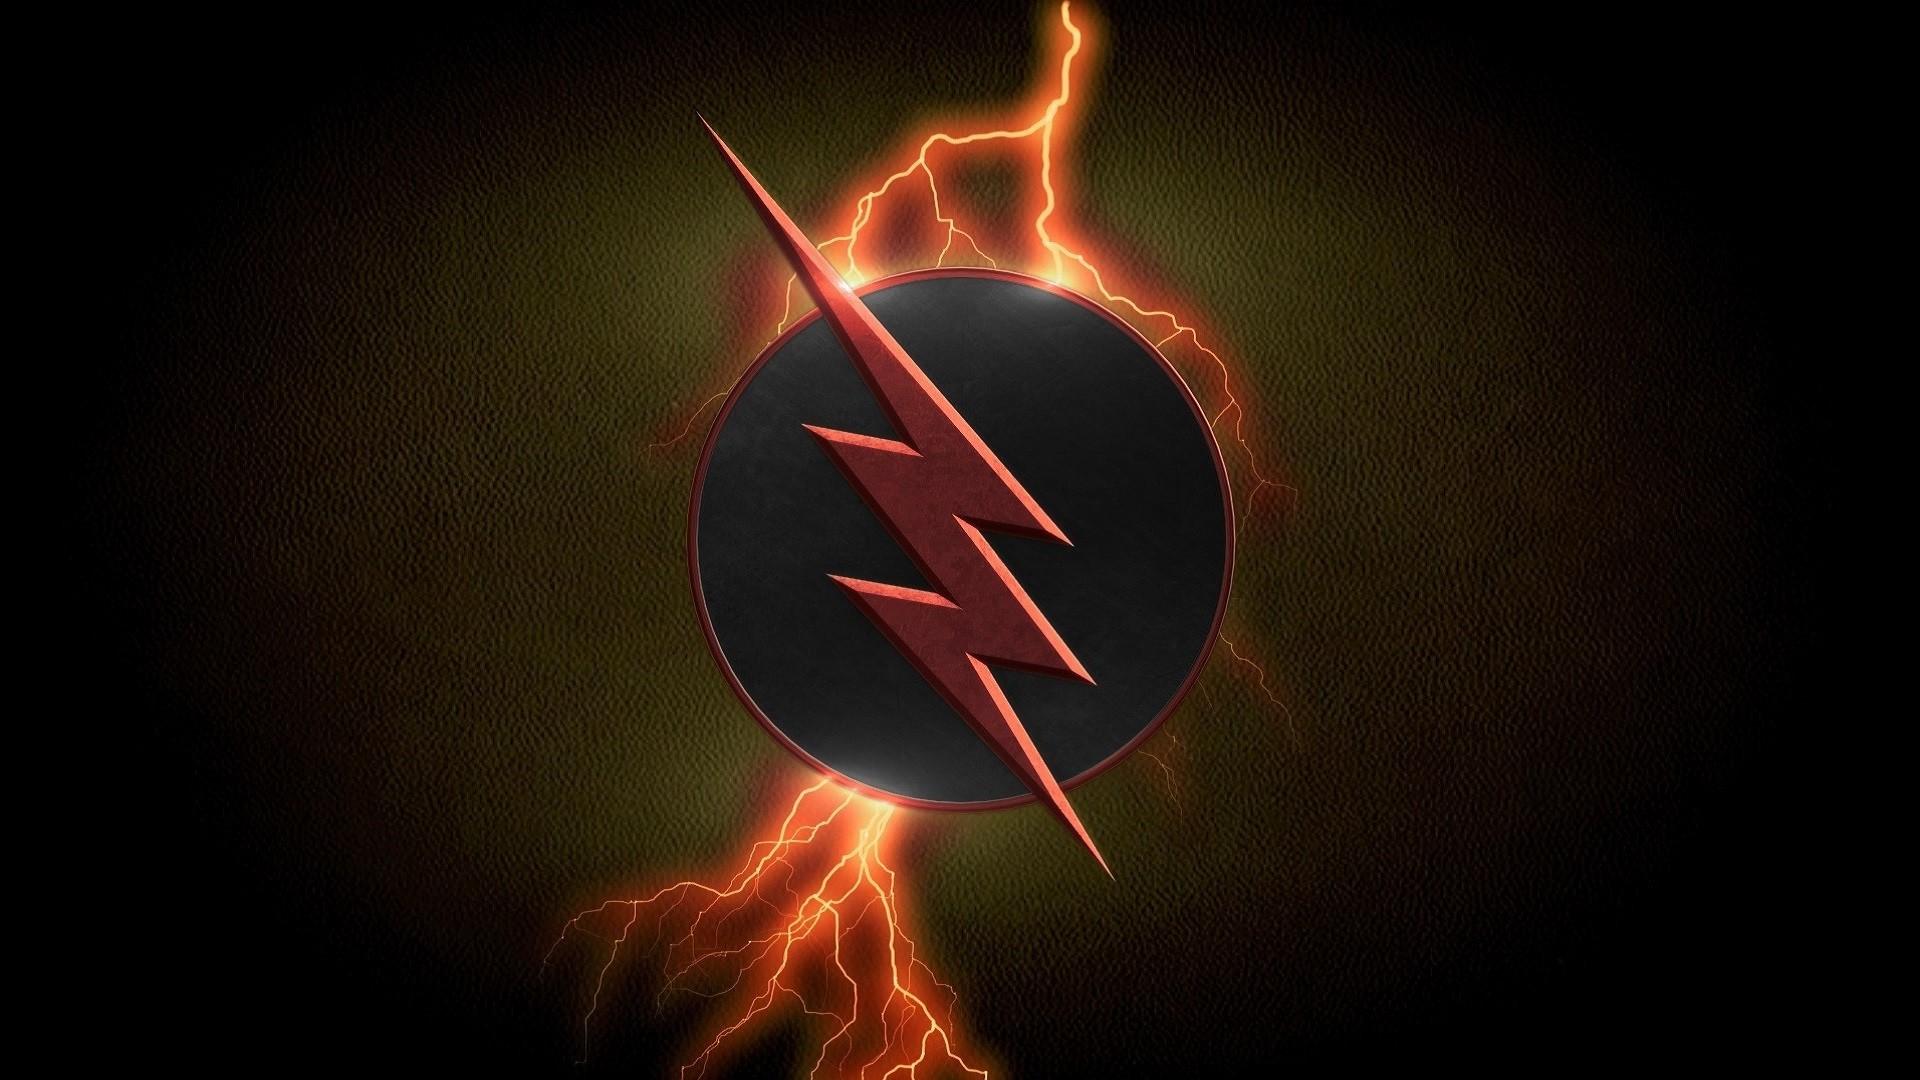 Batman 3d Live Wallpaper Reverse Flash Logo Wallpaper 79 Images